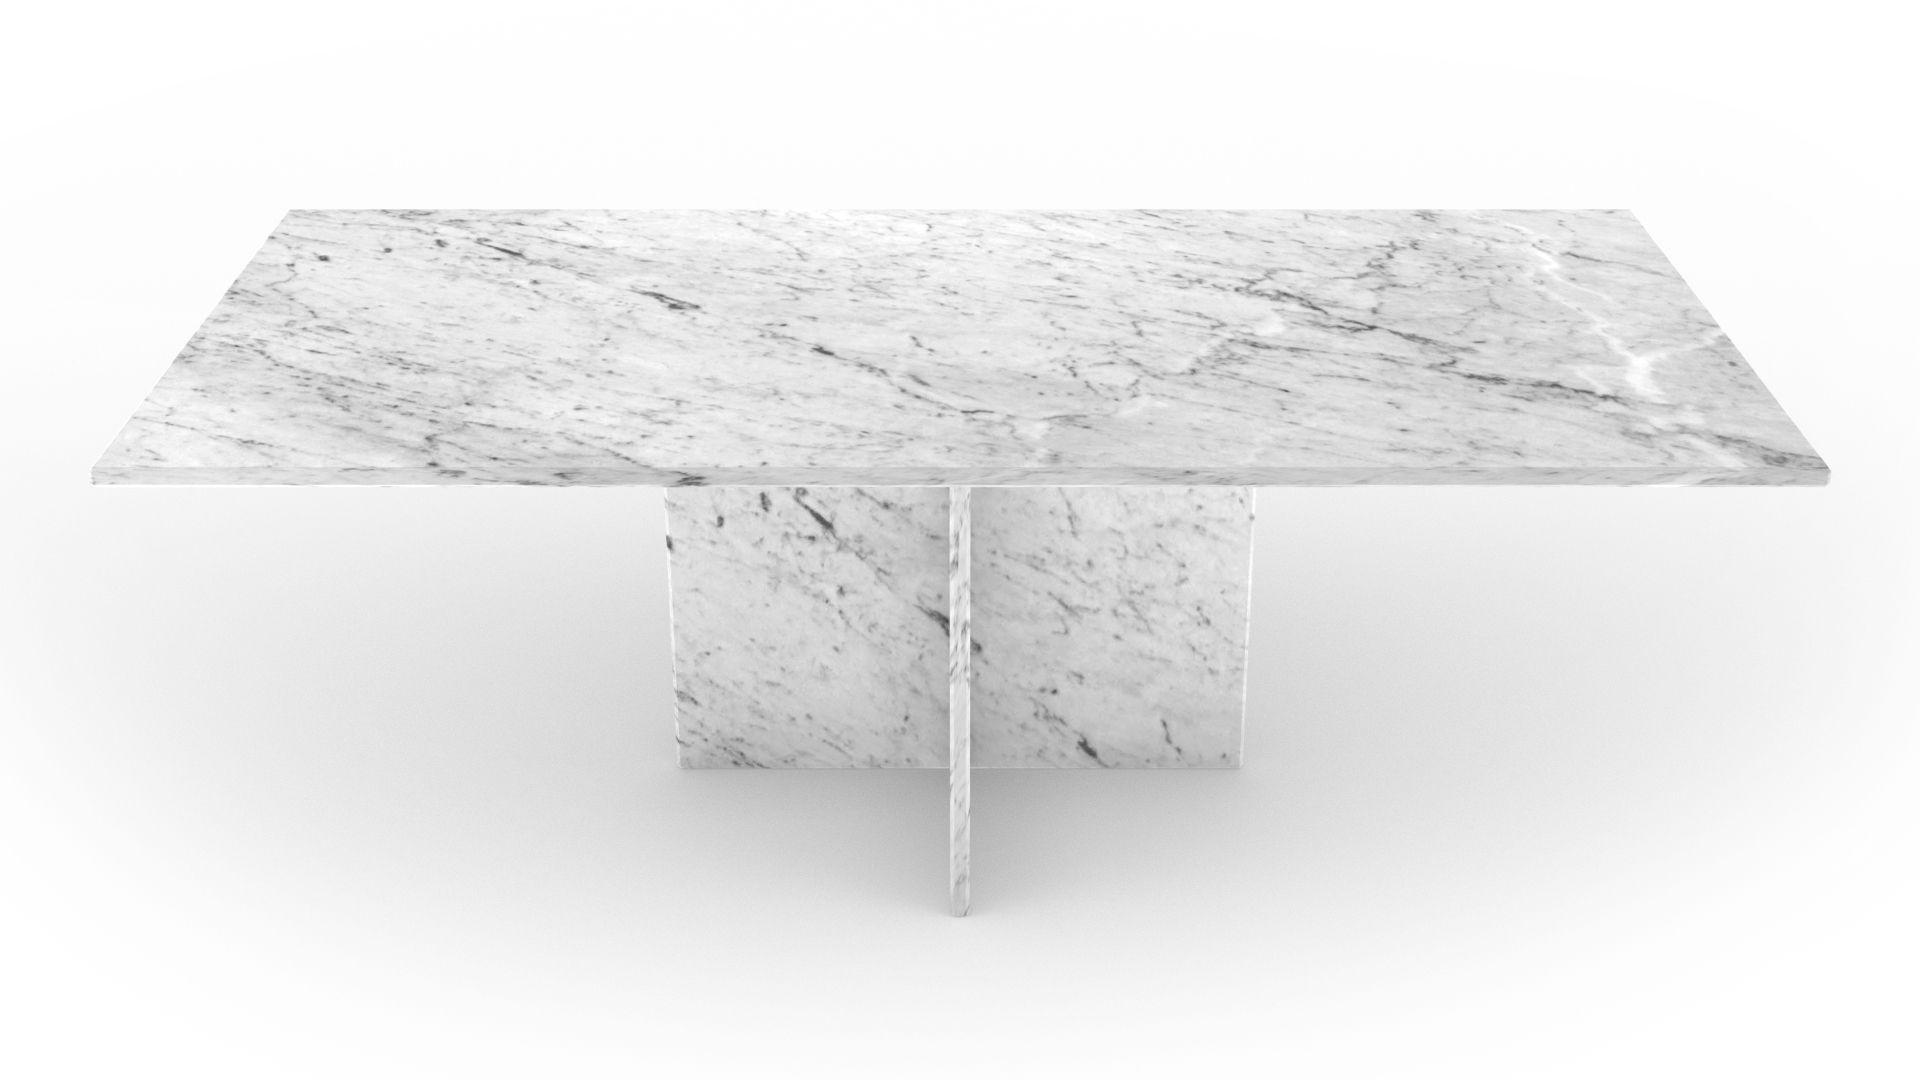 Mobiliers inspirants en pierre naturelle, table basse en marbre blanc